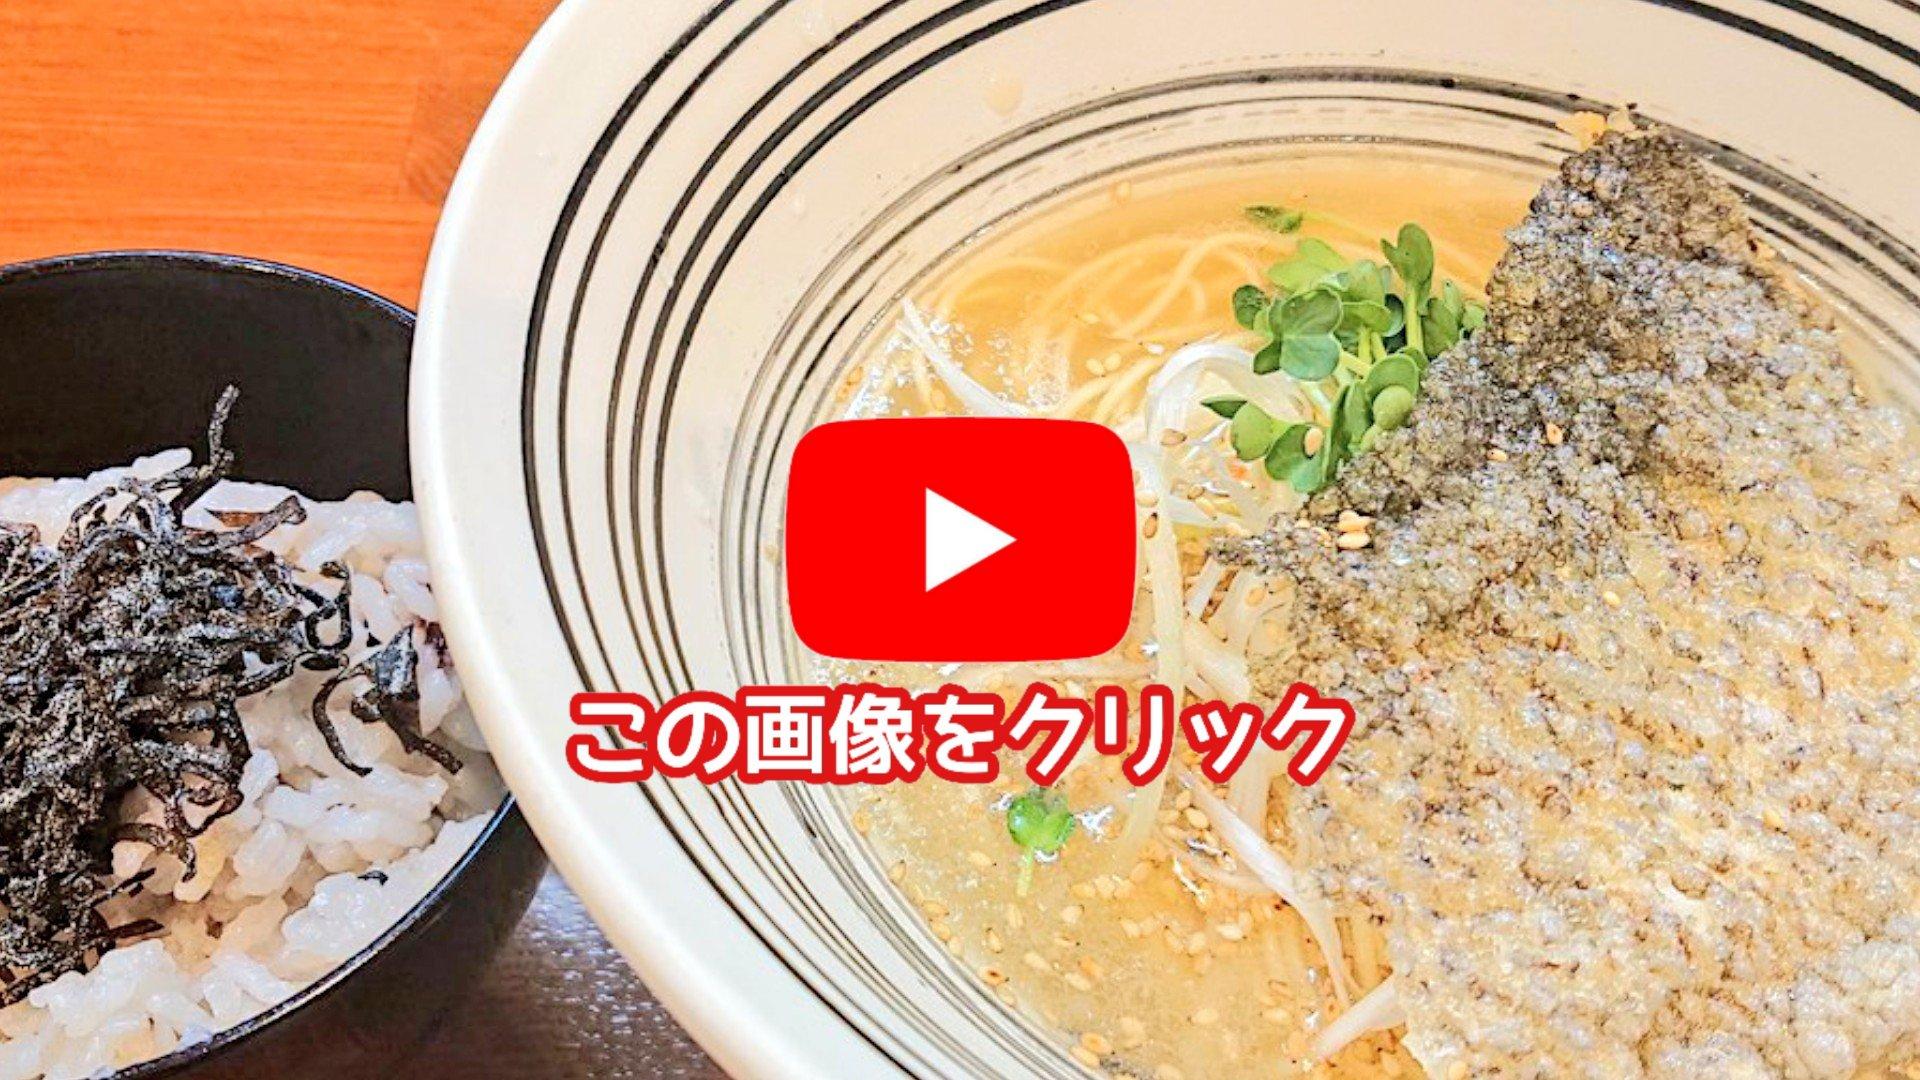 【堂の浦 徳大前店】ラーメン